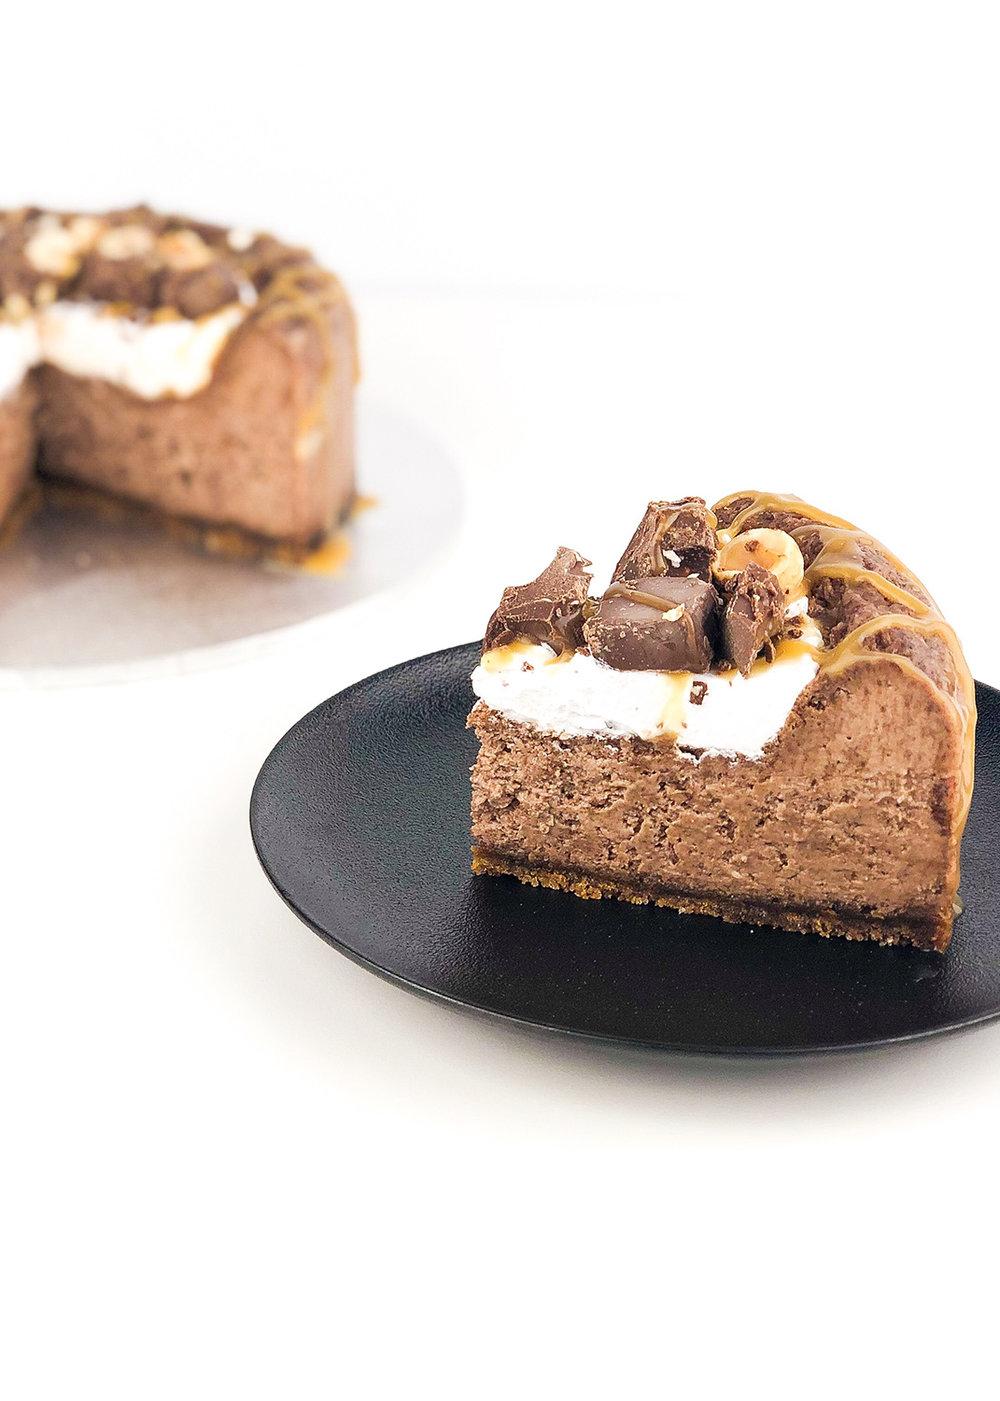 choc cheesecake slice.jpg